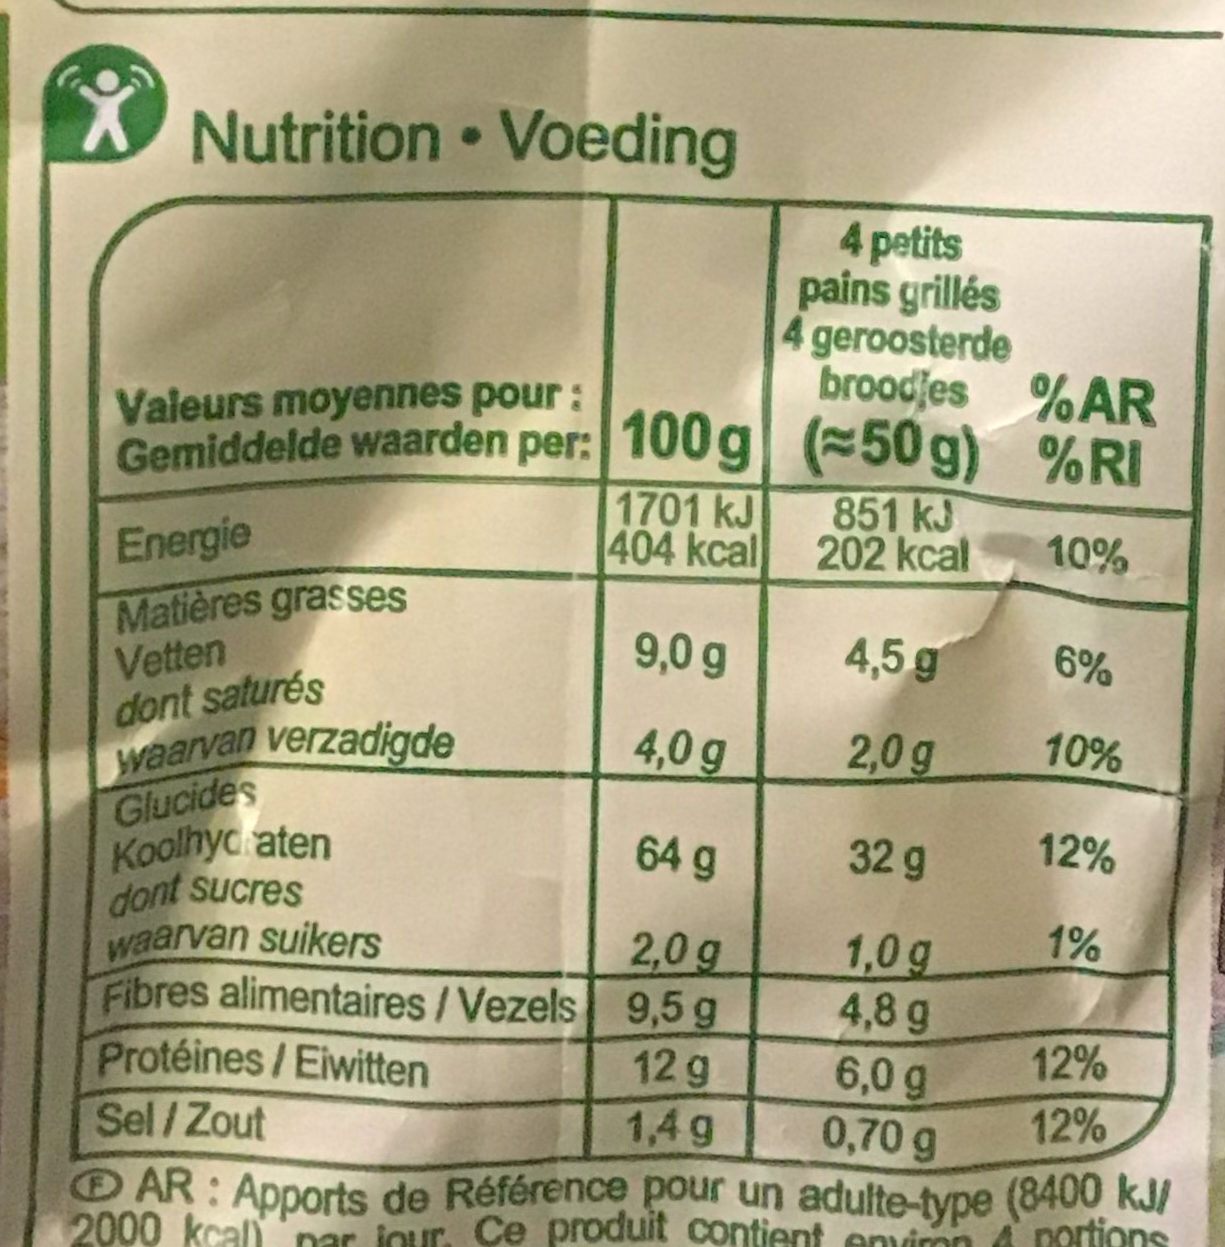 Petits pains grilles - Informations nutritionnelles - fr